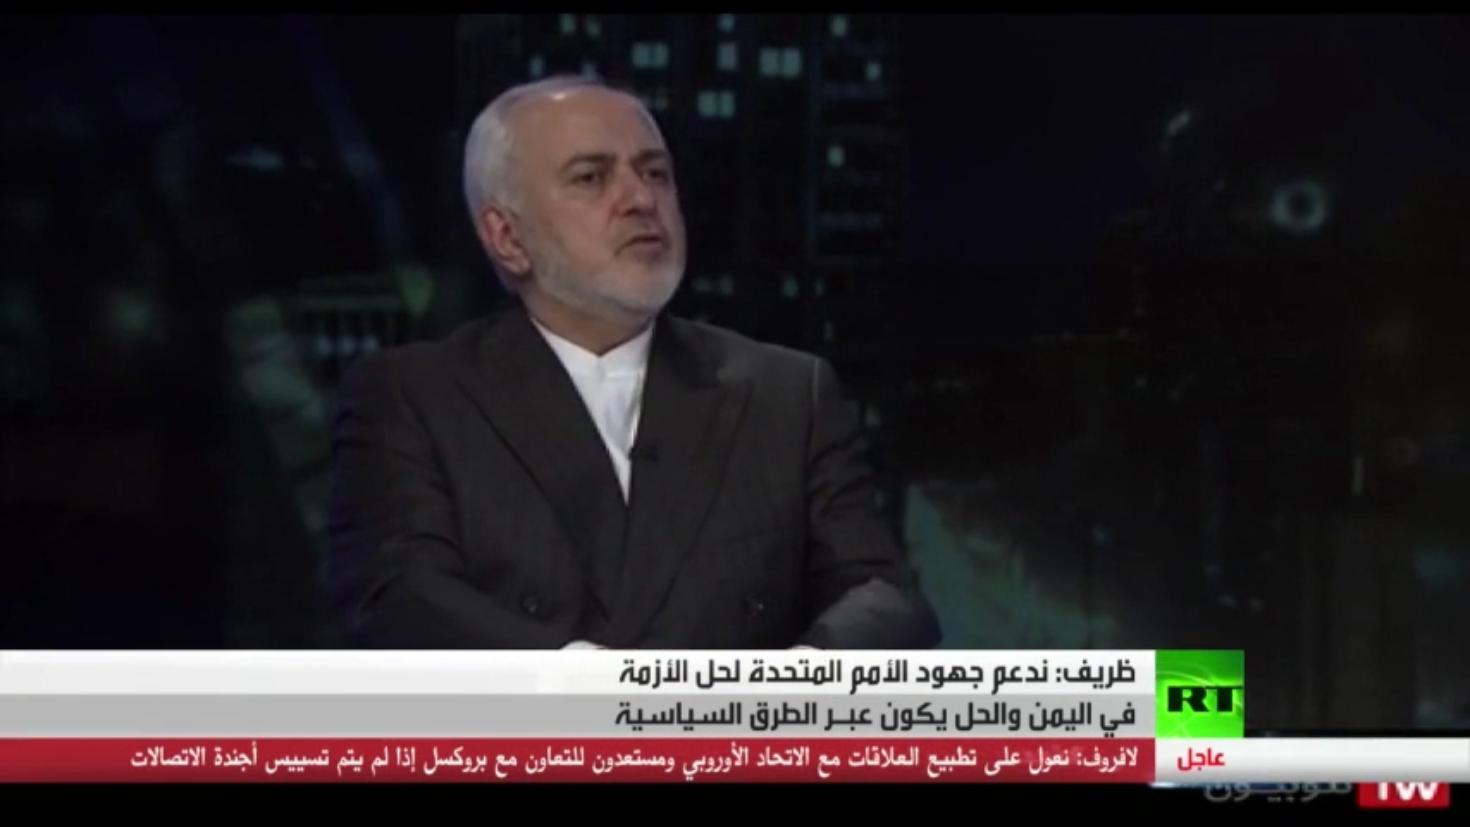 ظريف: ندعم الأمم المتحدة في حل أزمة اليمن